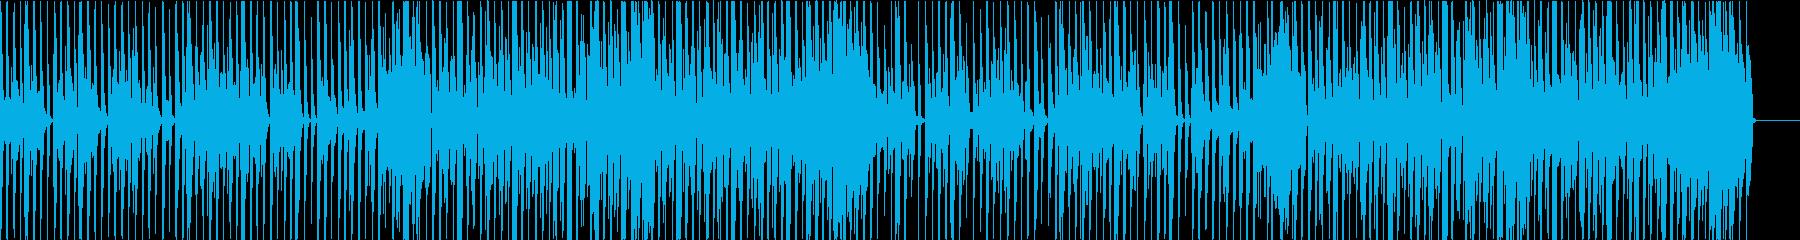 かわいい ほのぼの コミカル ポップの再生済みの波形